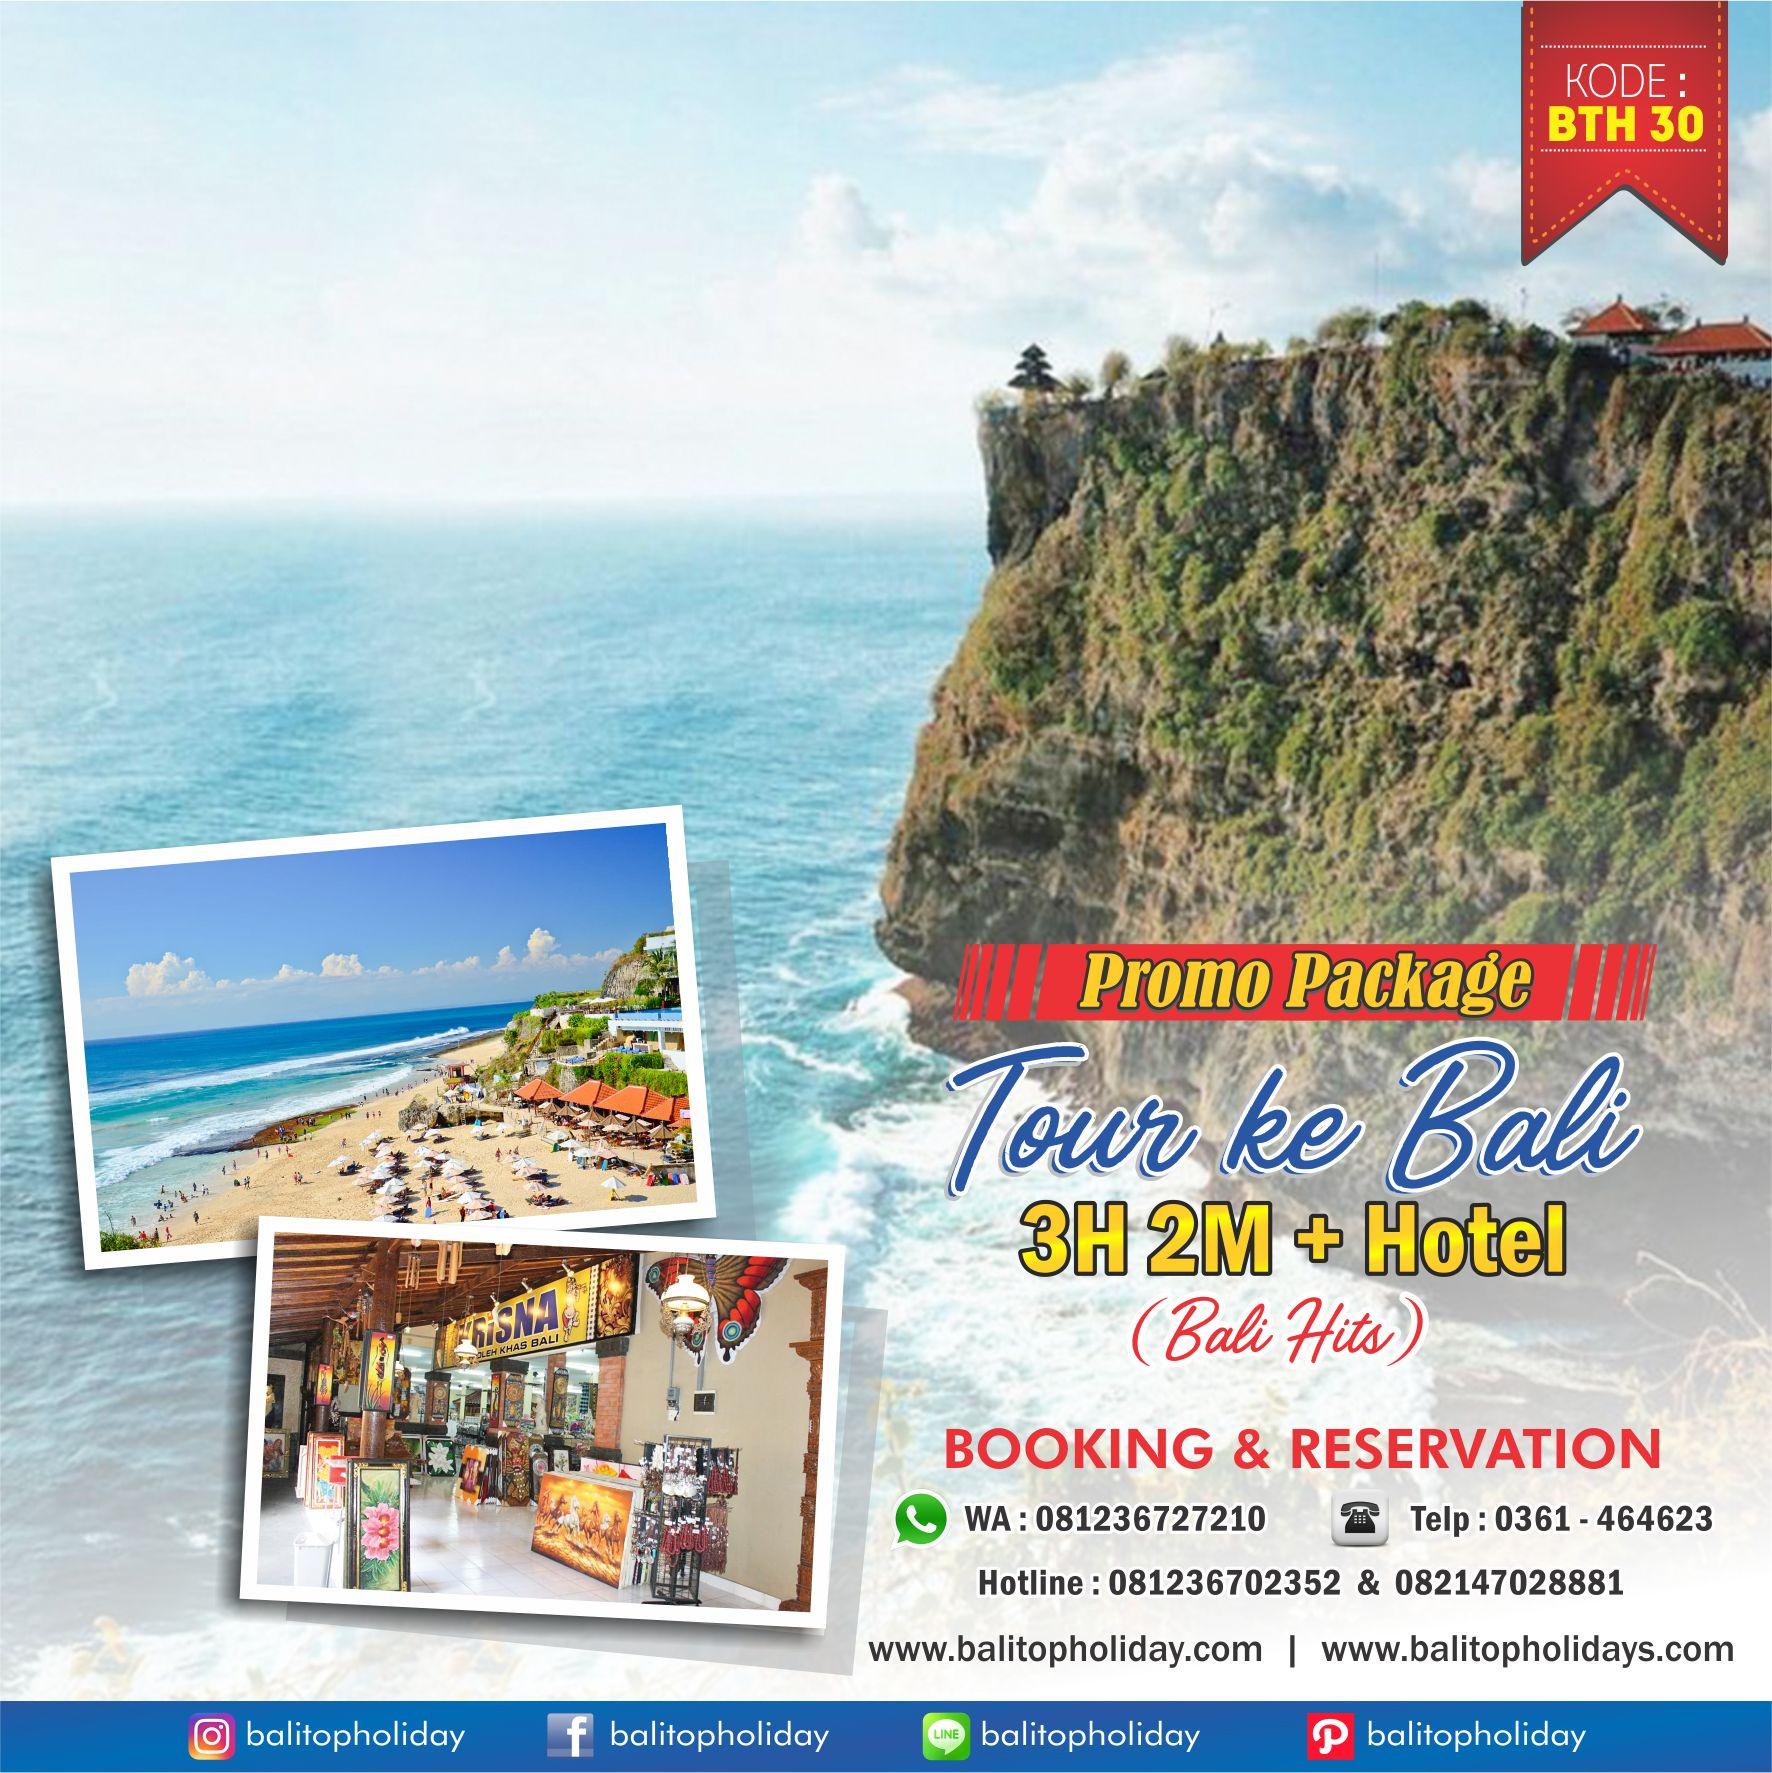 Paket Tour Bali 3H 2M BTH 30 Bali Hits